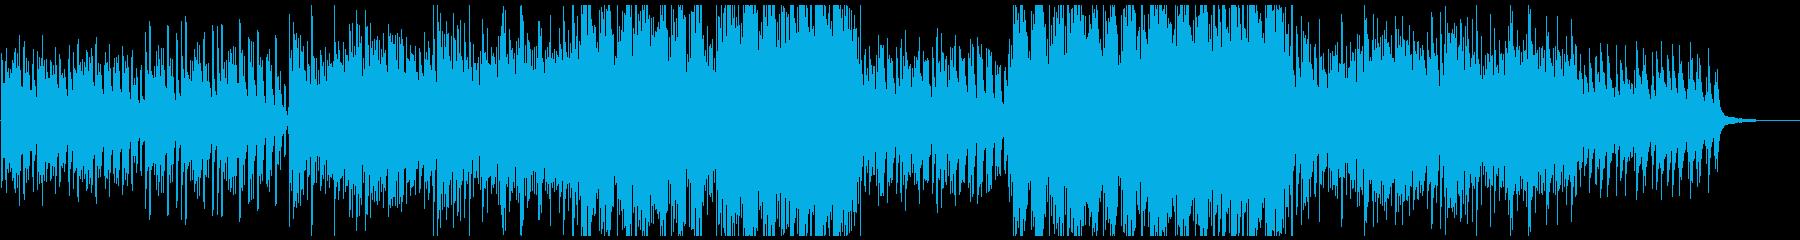 ピアノとドラムの静かな躍動感の再生済みの波形